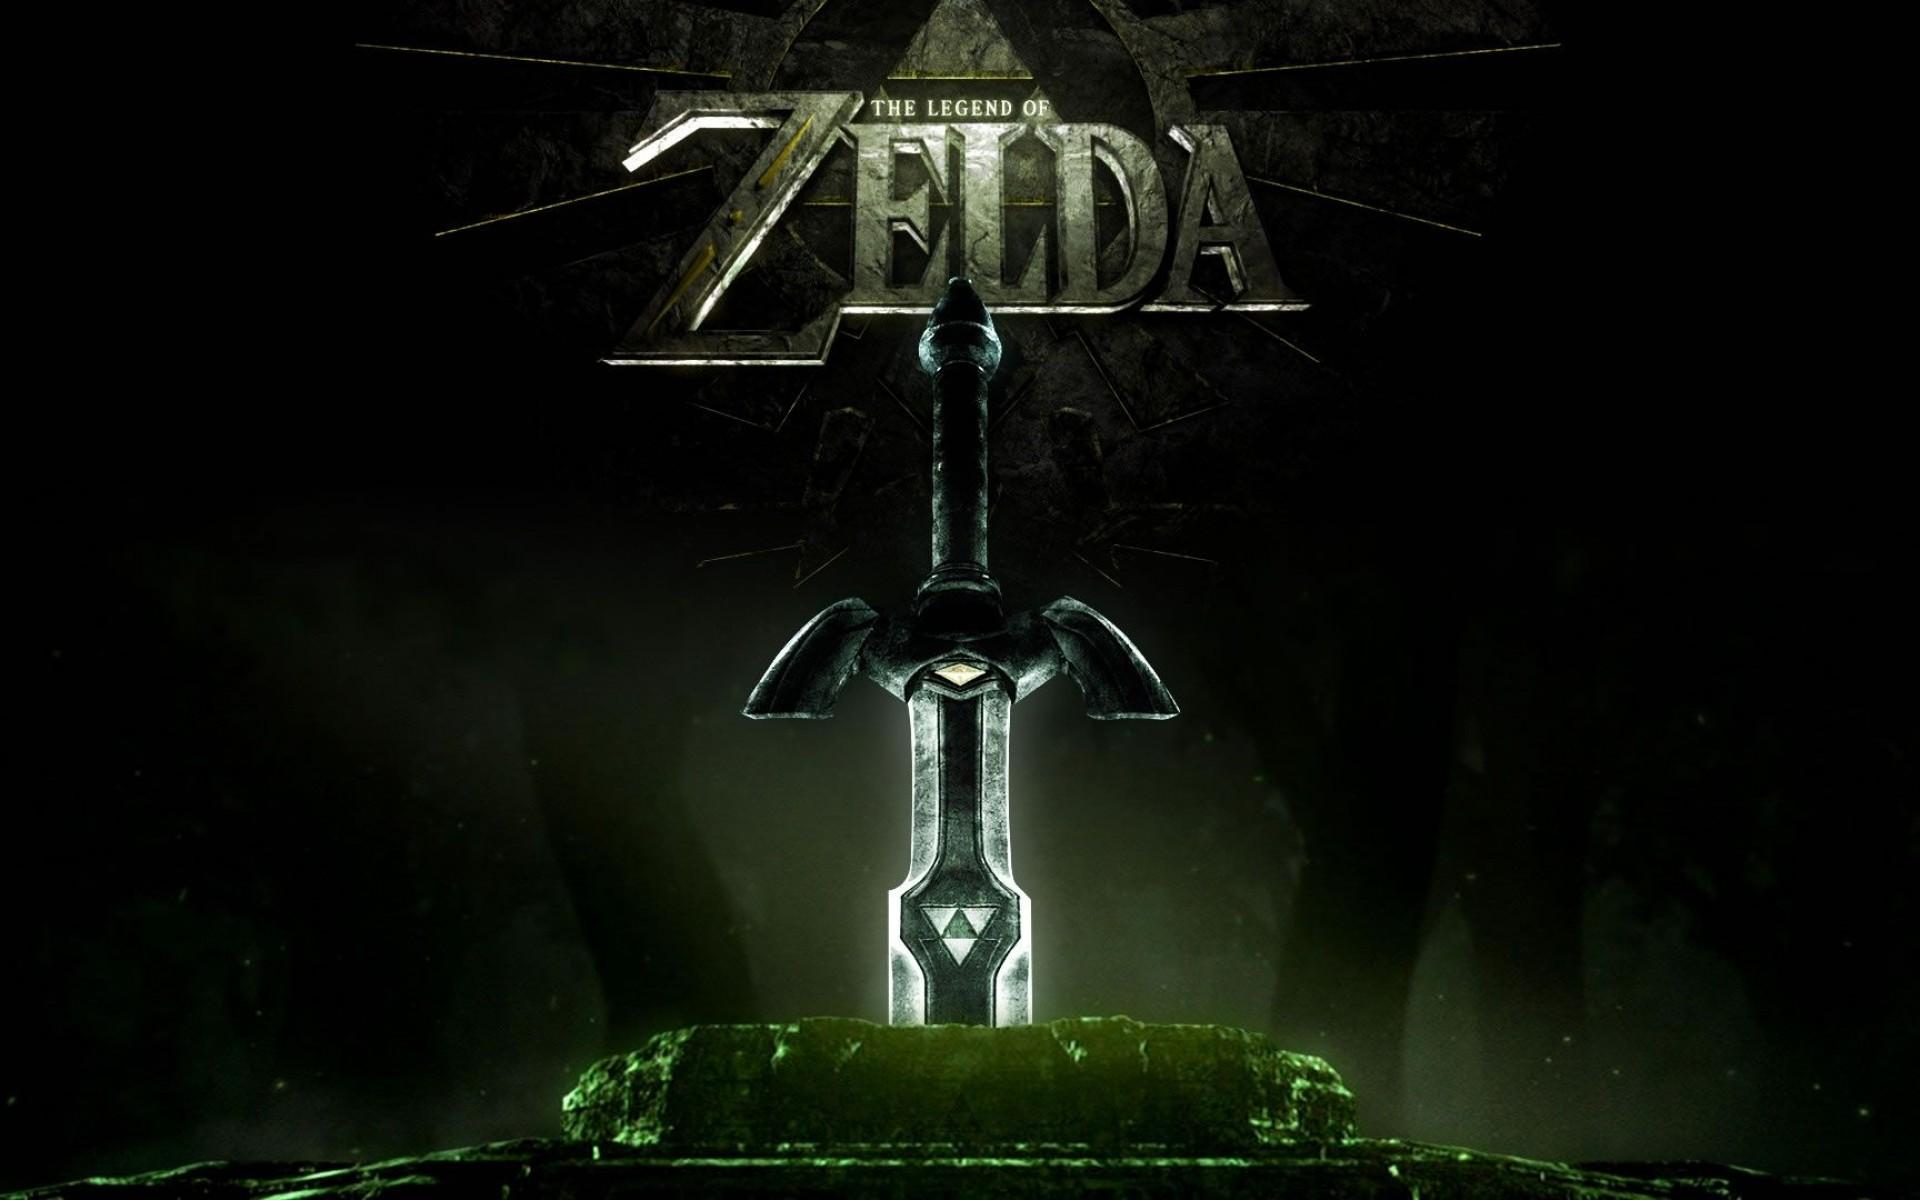 Wallpapers de Videojuegos. The Legend of Zelda.